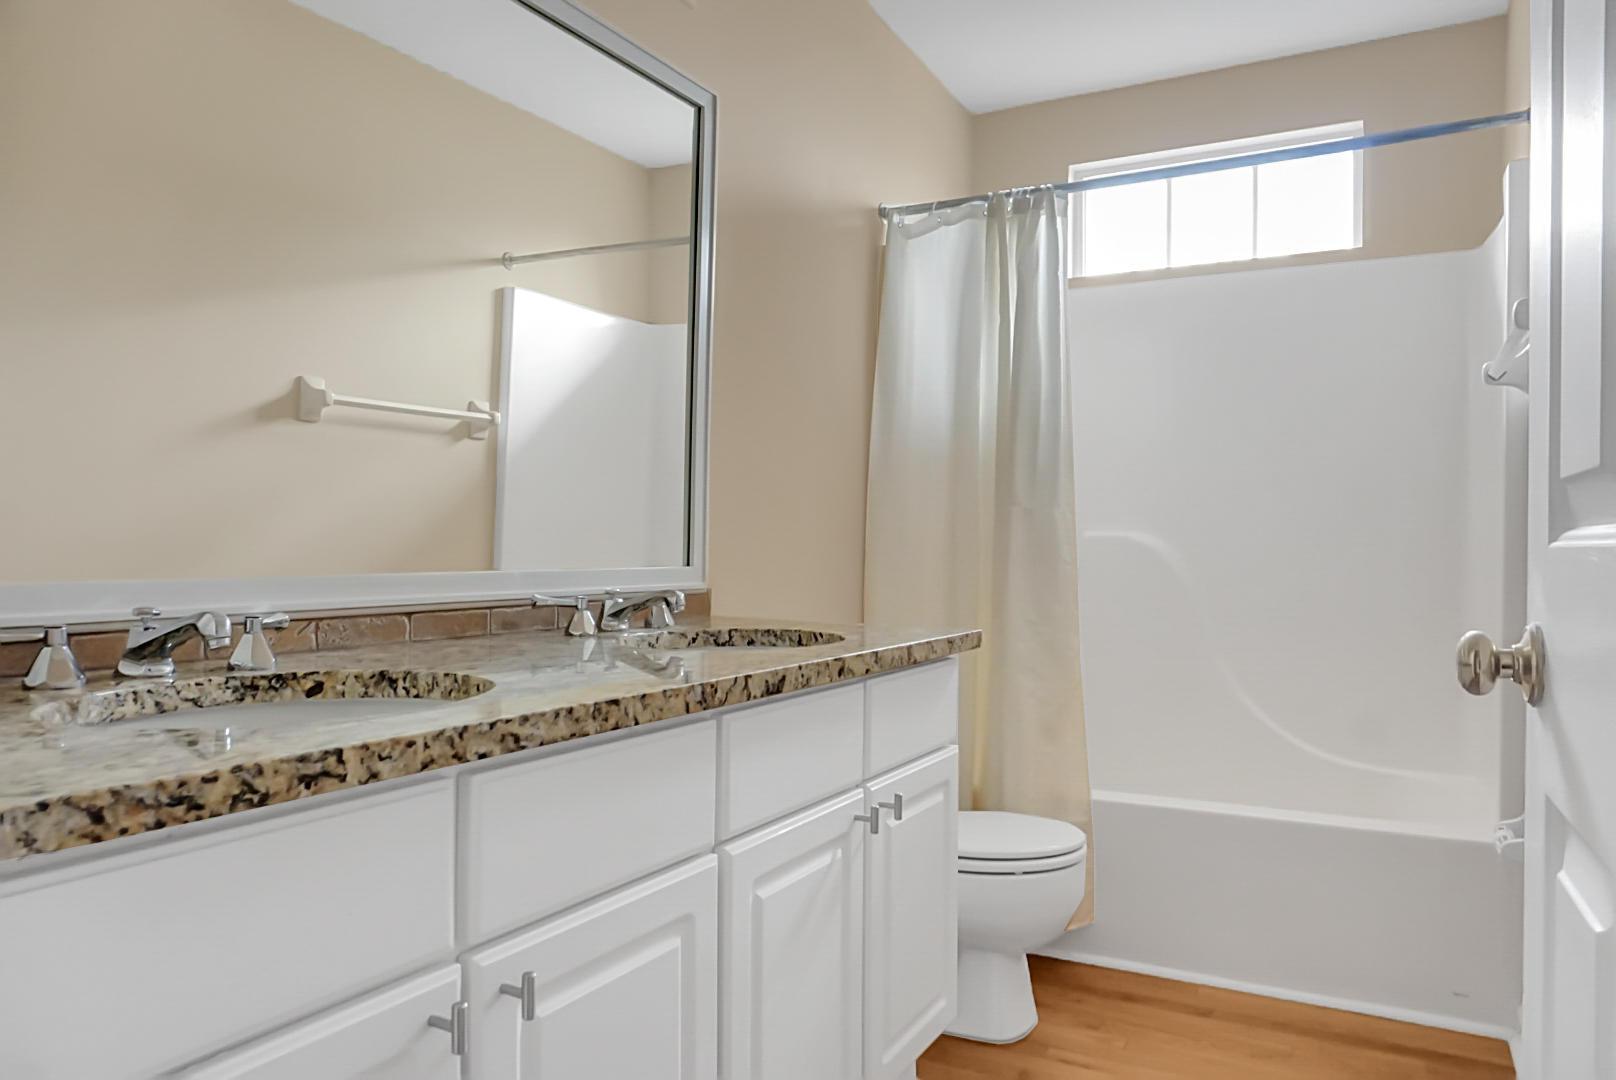 Dunes West Homes For Sale - 3209 Carmel Bay, Mount Pleasant, SC - 7